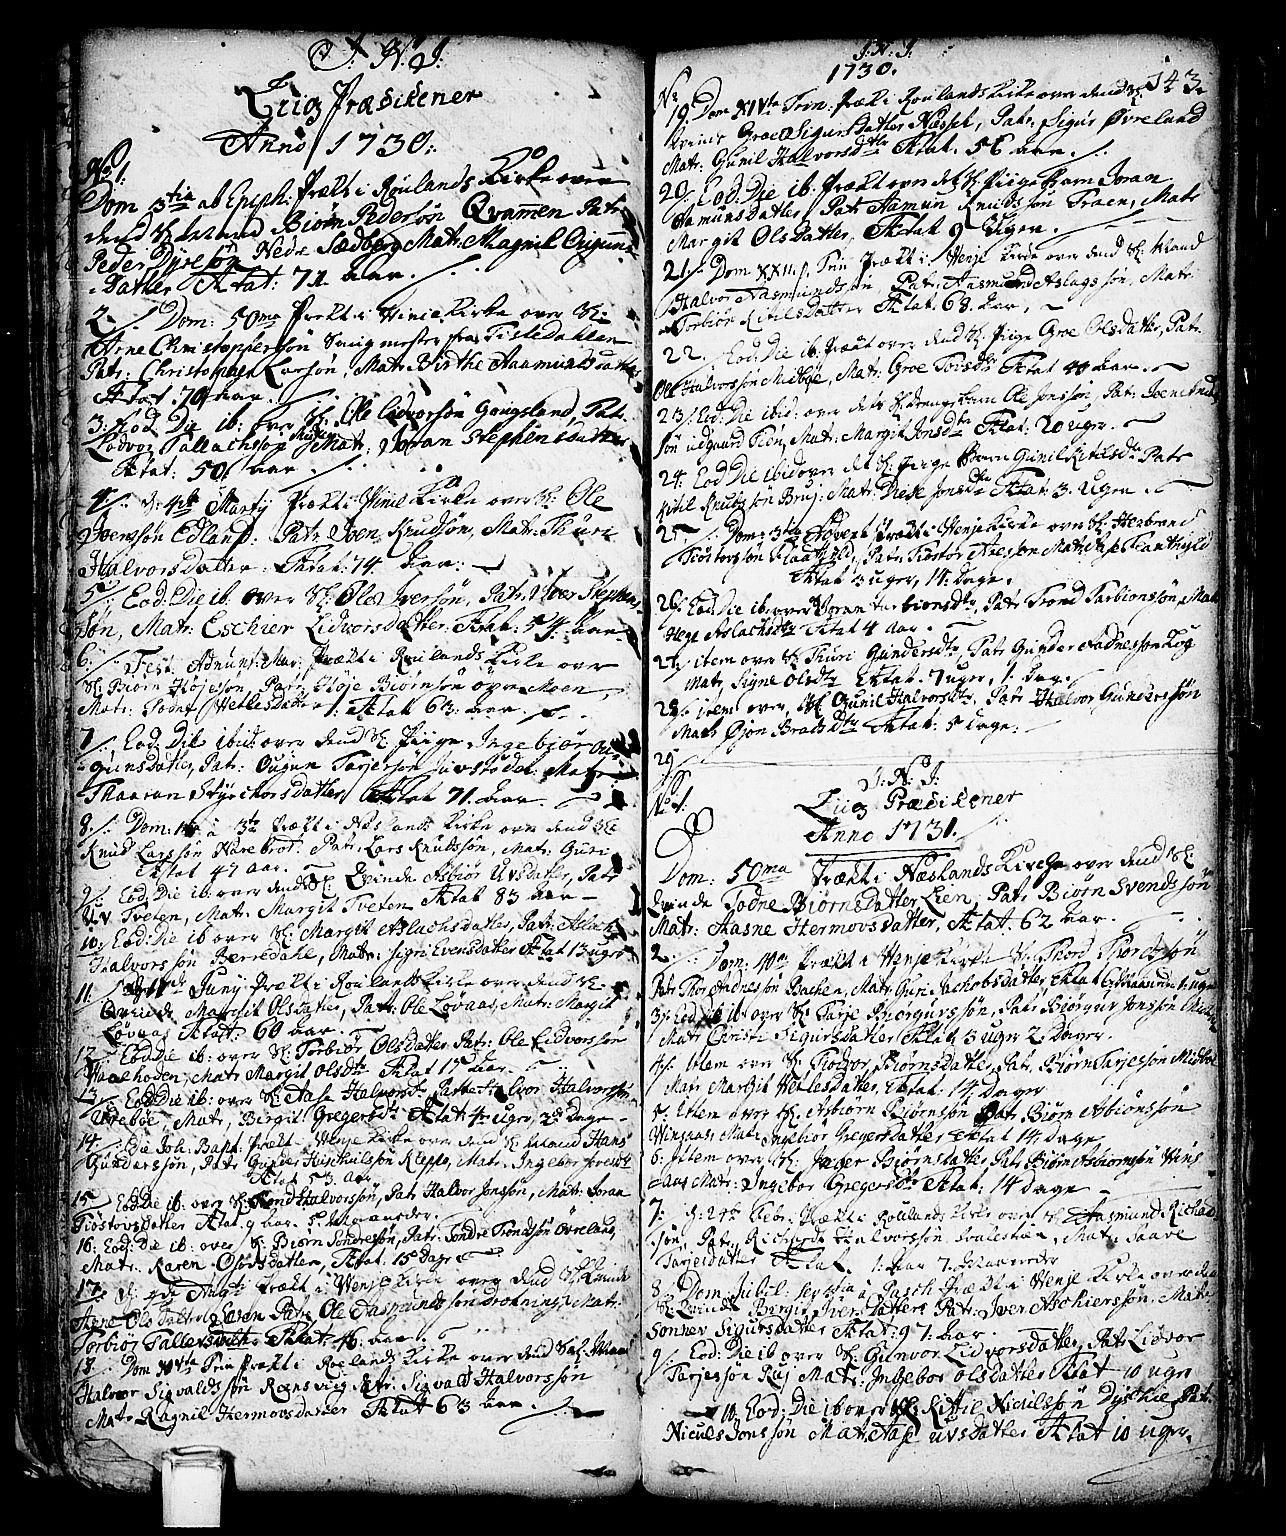 SAKO, Vinje kirkebøker, F/Fa/L0001: Ministerialbok nr. I 1, 1717-1766, s. 143